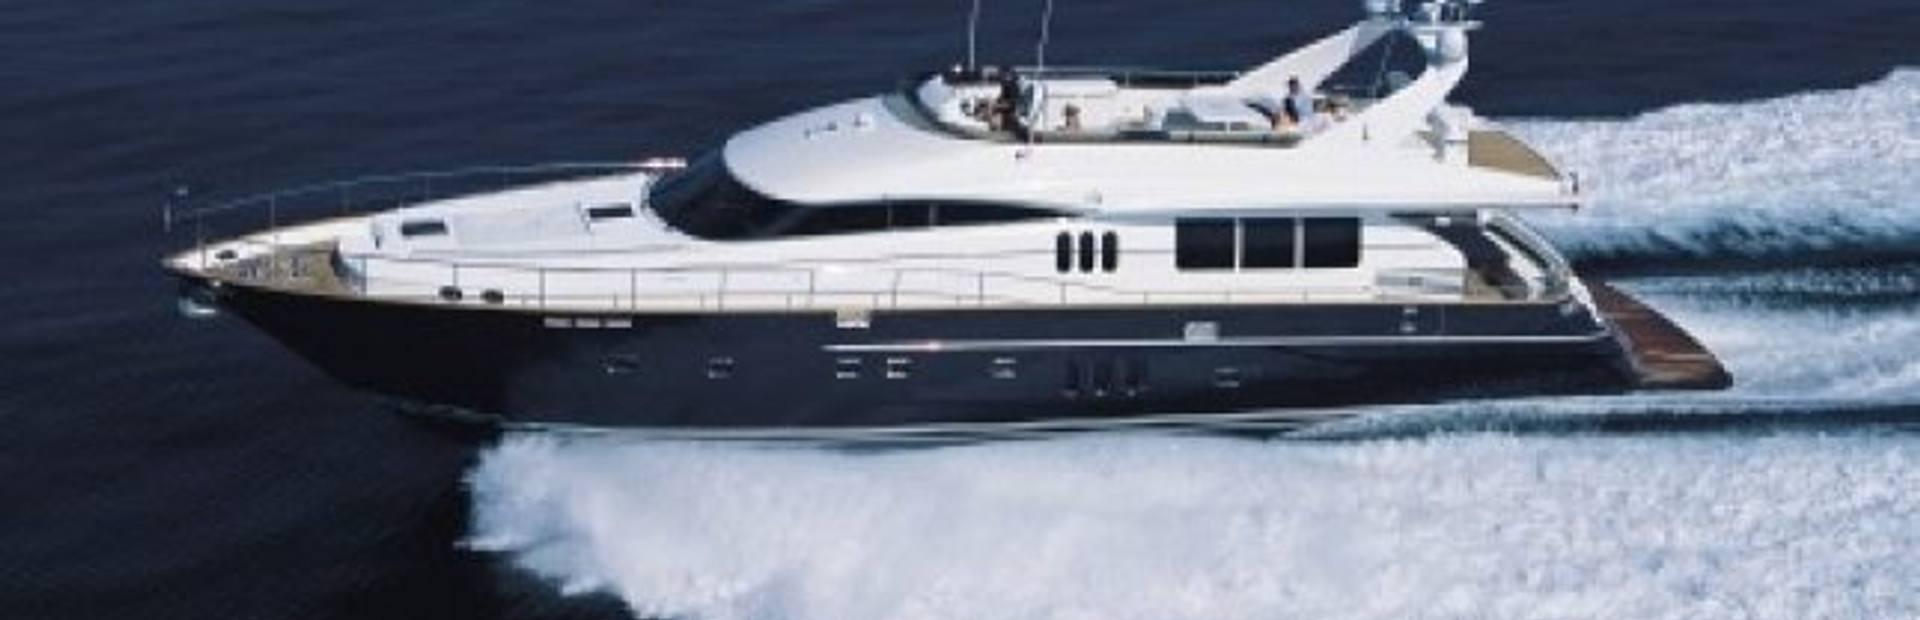 Princess 25M Yacht Charter